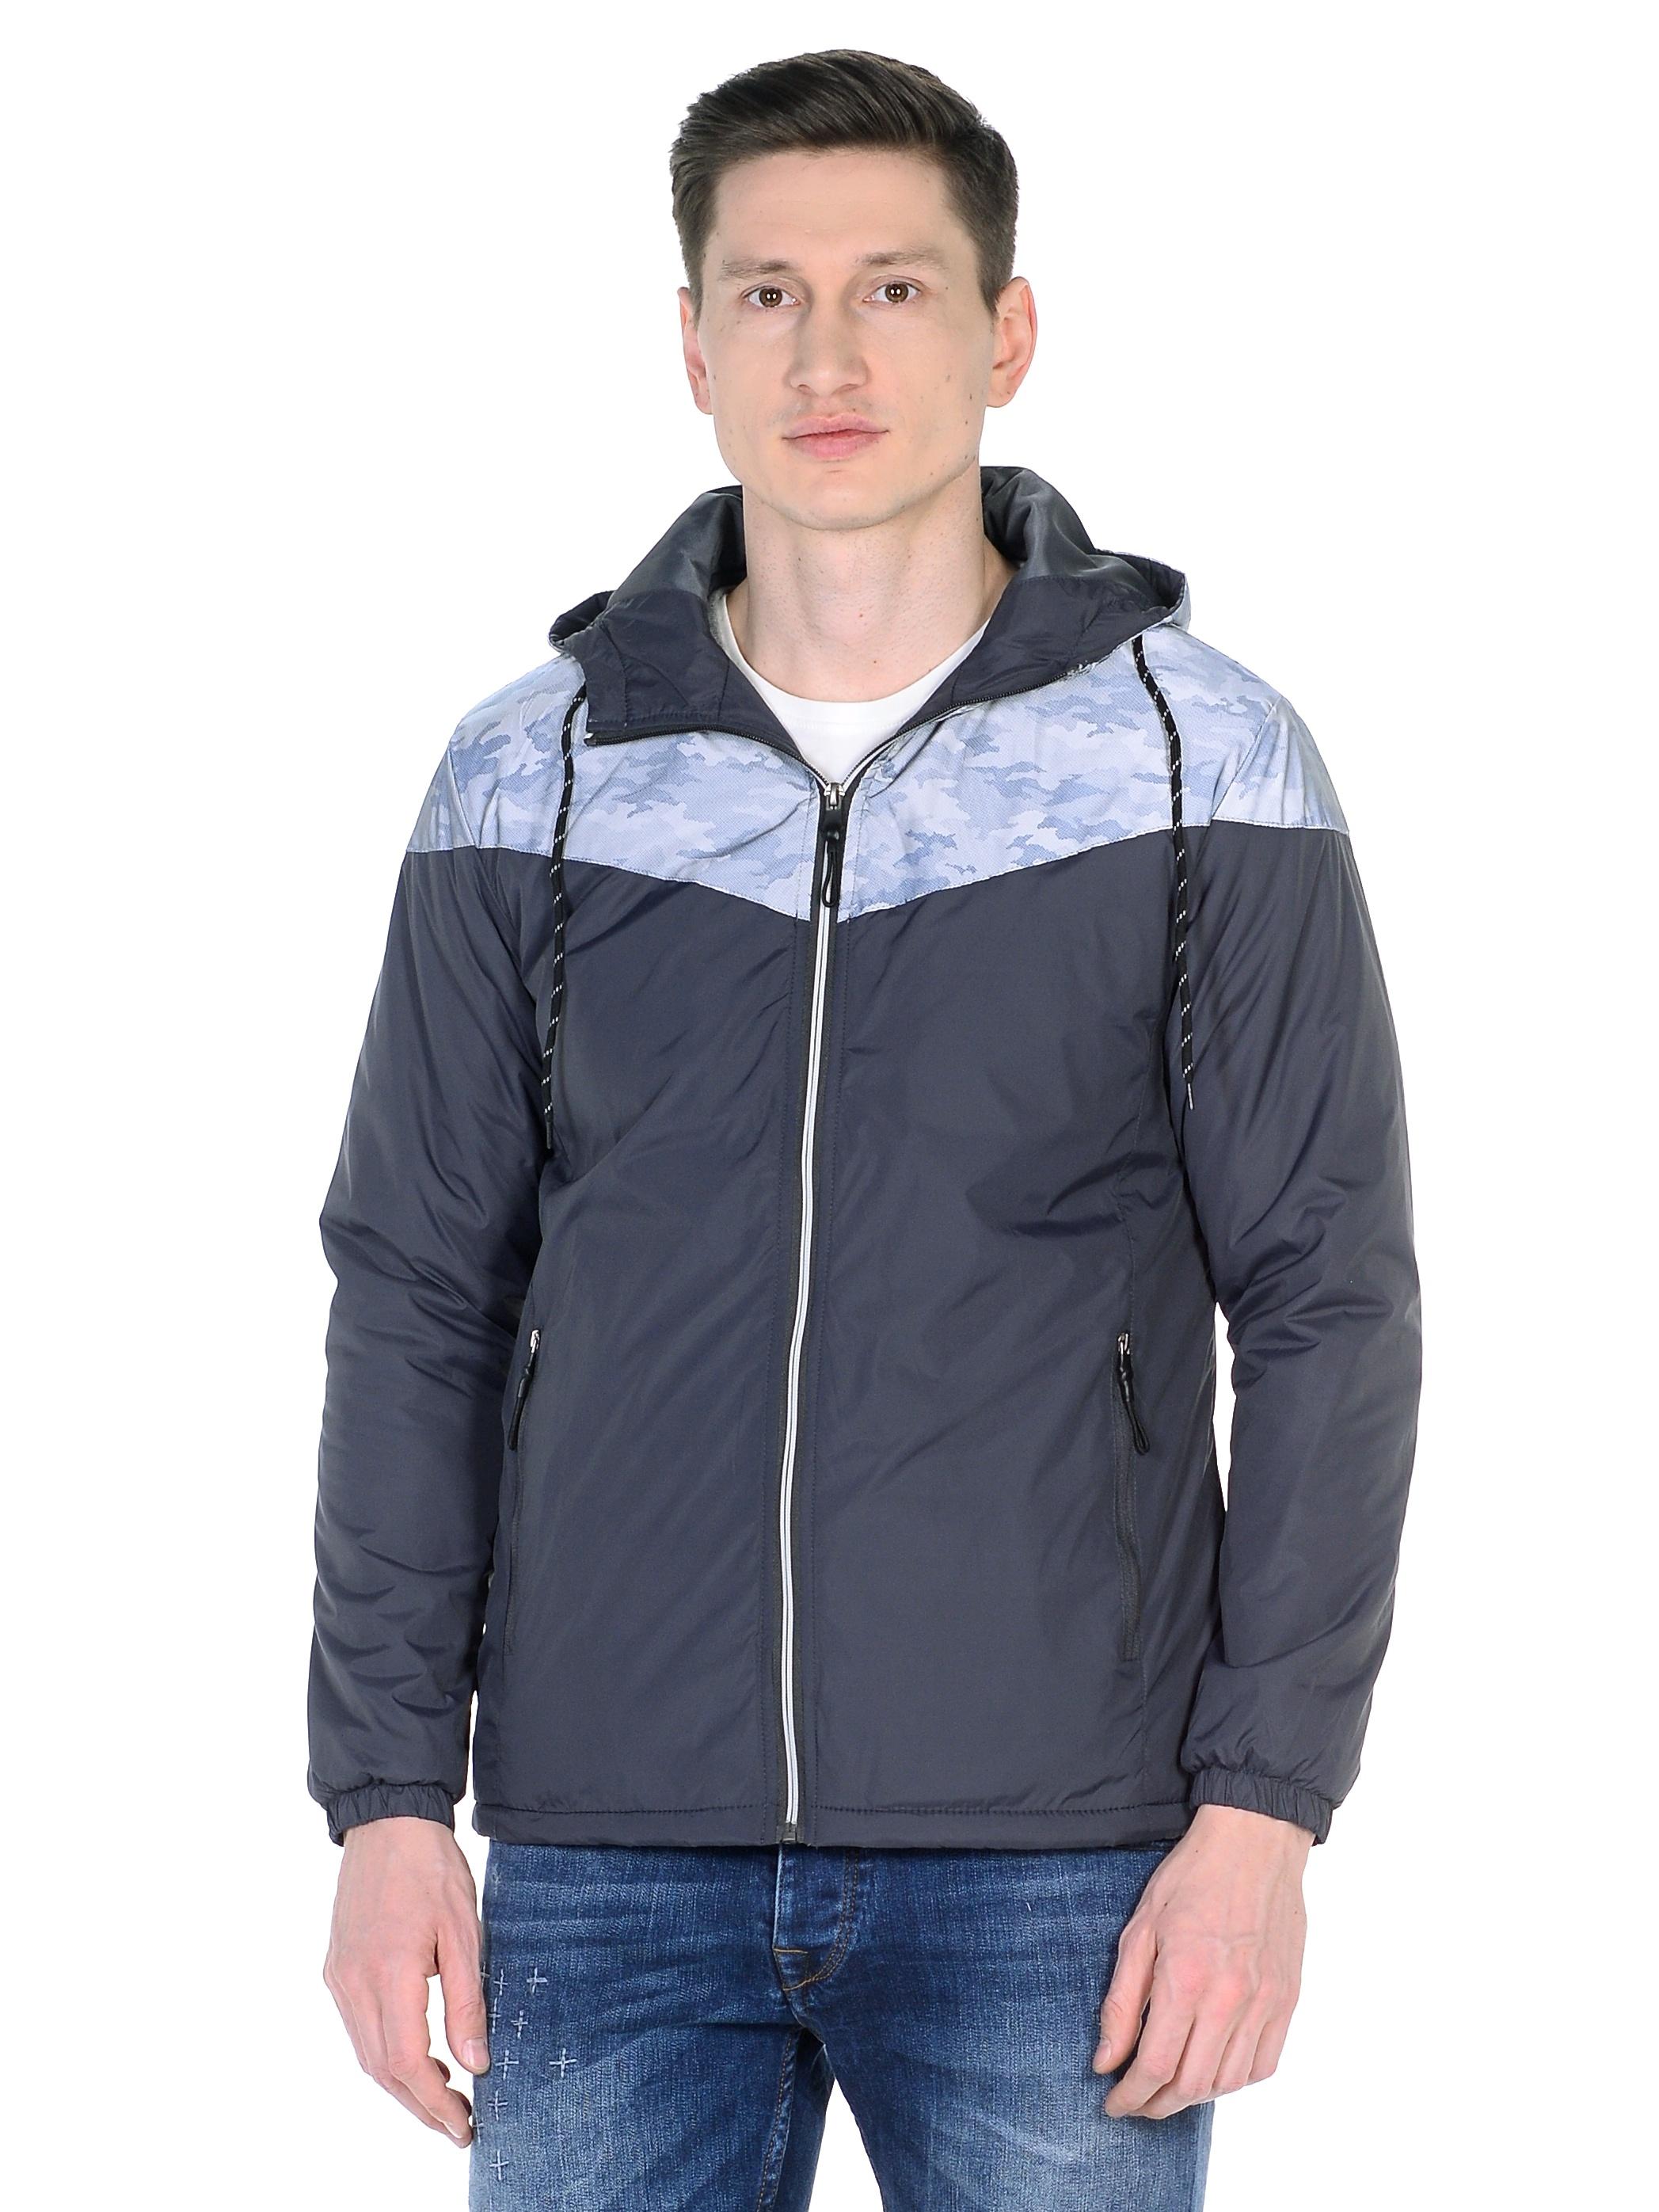 Мужская куртка из текстиля с капюшоном, без отделки<br><br>Воротник: капюшон<br>Длина см: Короткая (51-74 )<br>Материал: Текстиль<br>Цвет: серый<br>Вид застежки: центральная<br>Застежка: на молнии<br>Пол: Мужской<br>Размер RU: 52